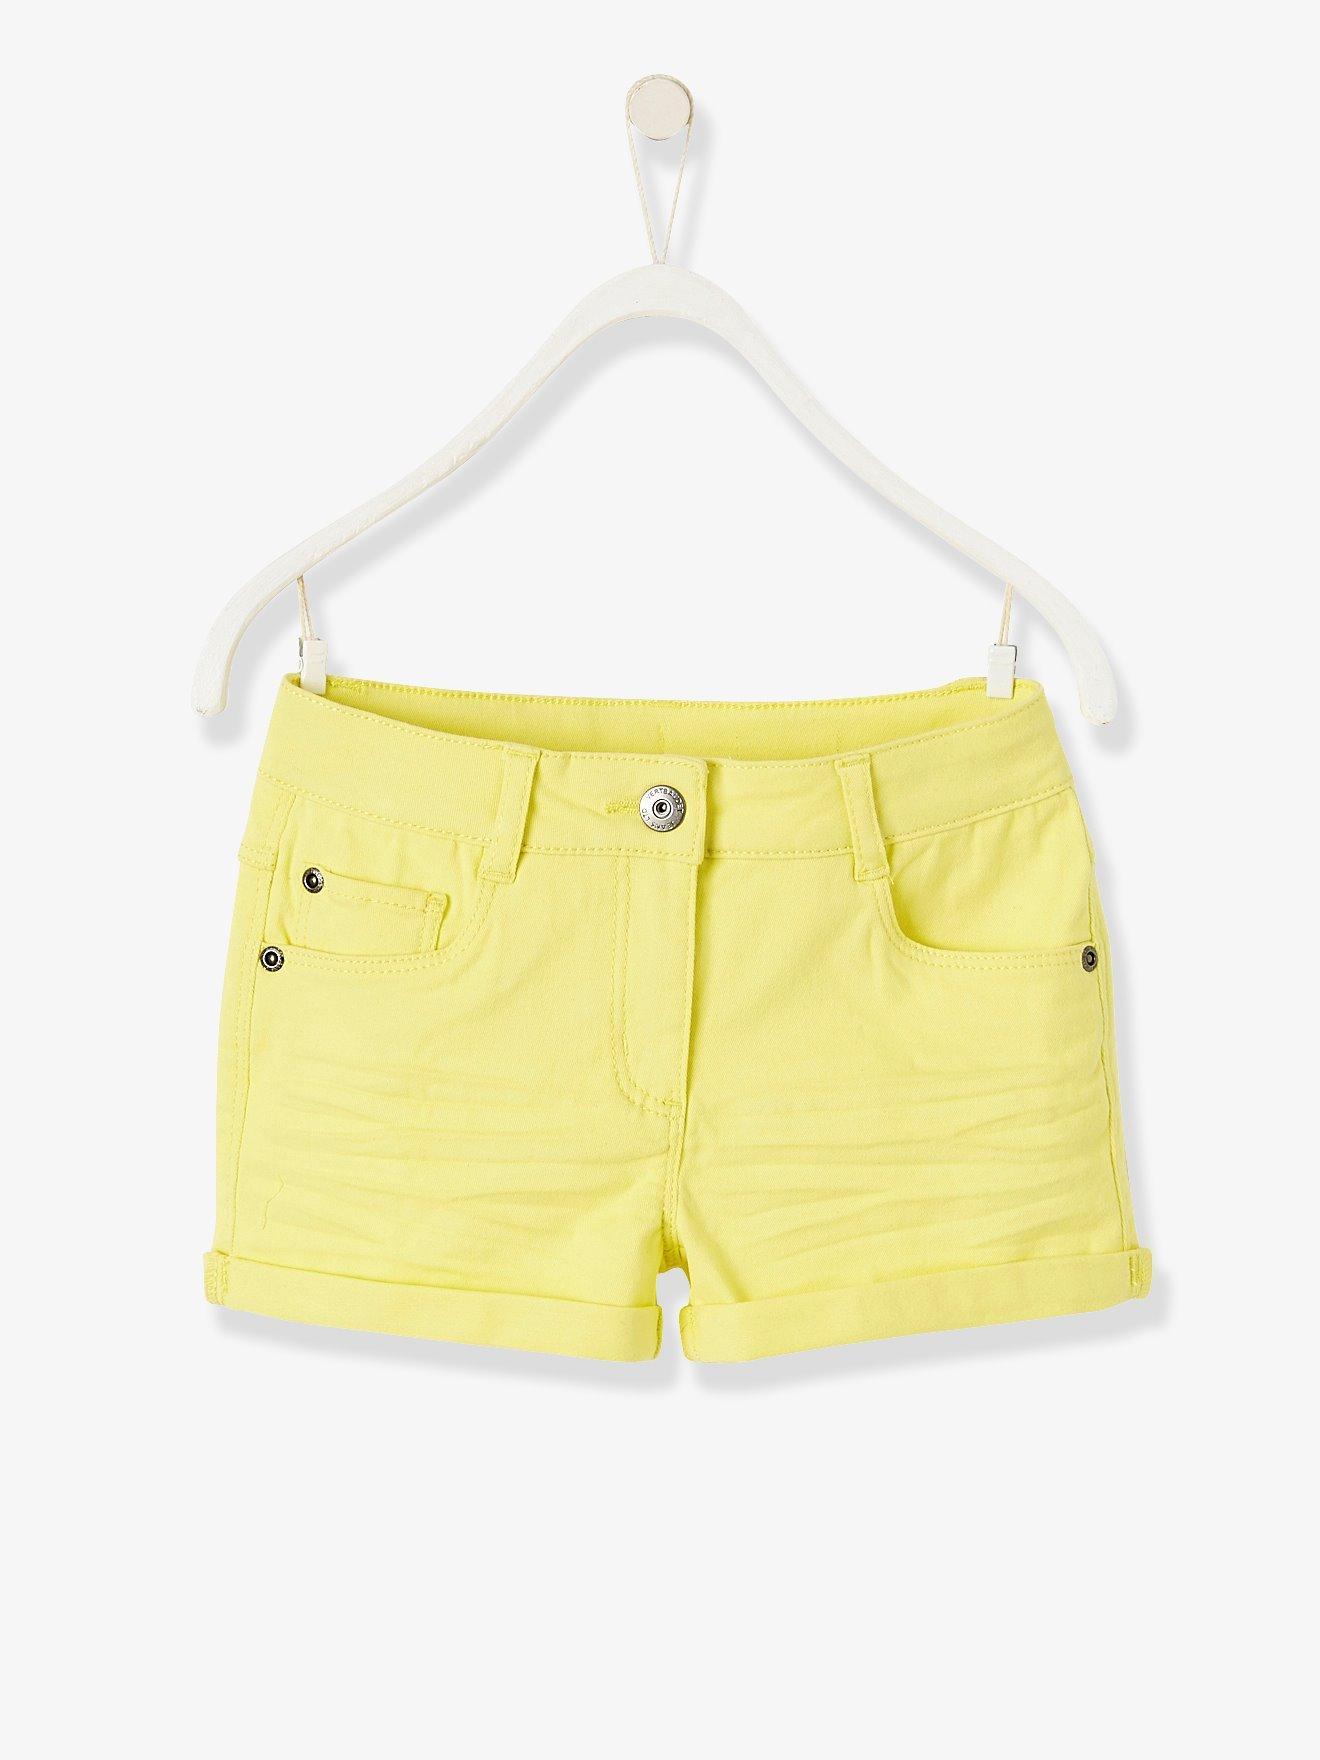 7d3f285de Short para niña de sarga stretch amarillo claro liso. Vertbaudet